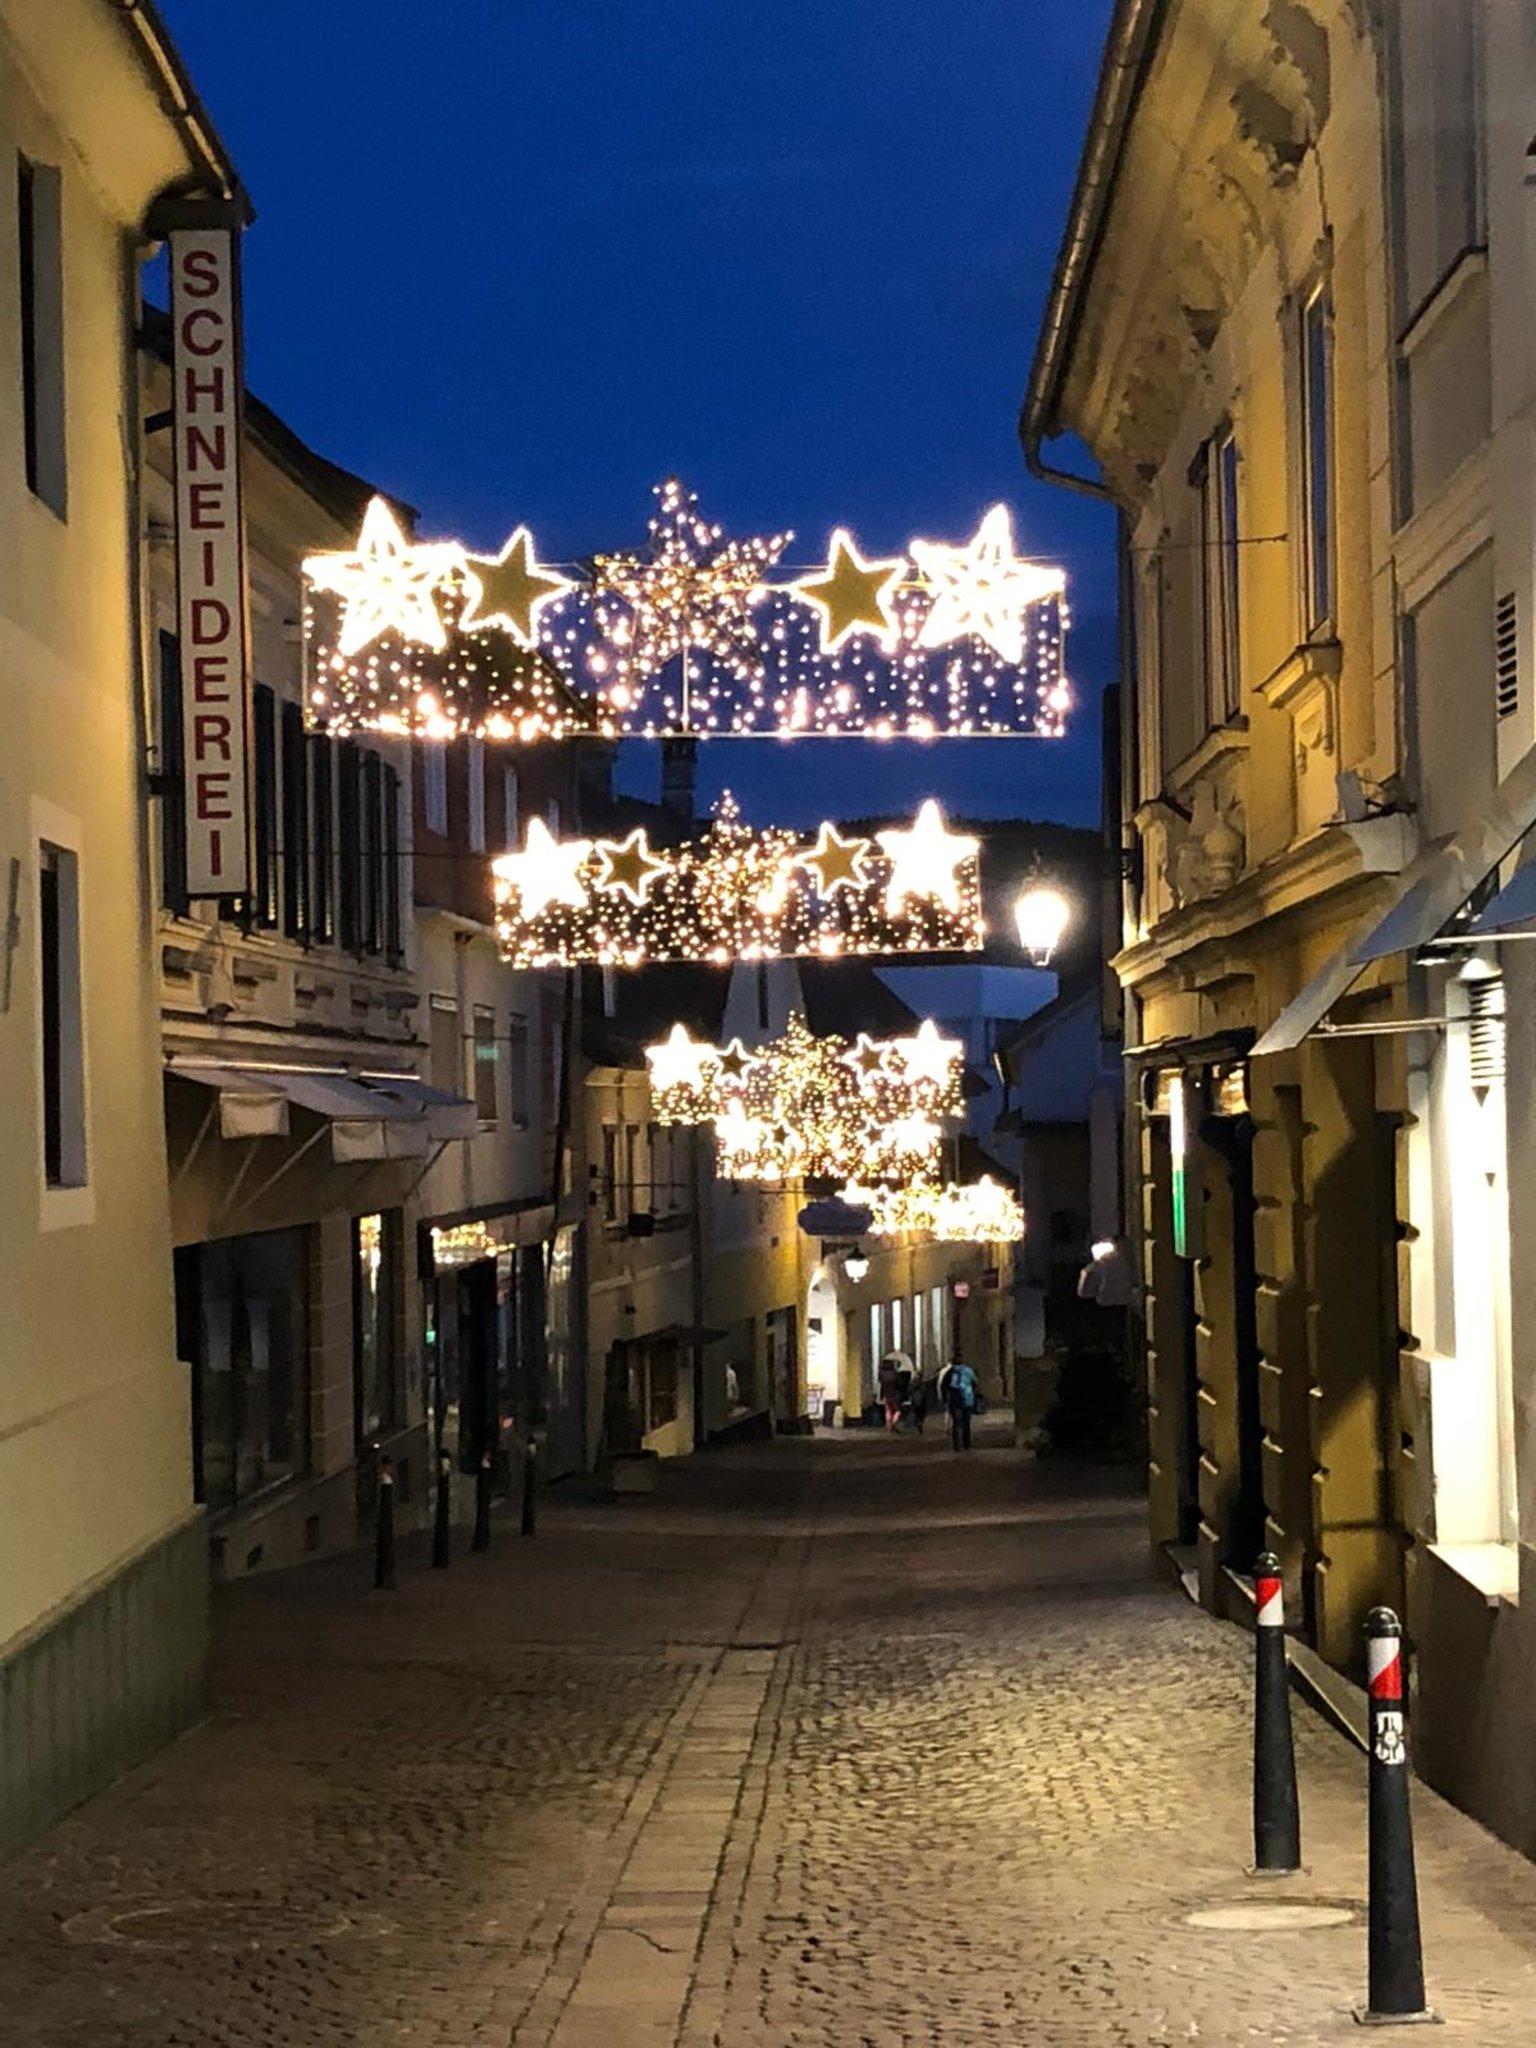 Weihnachtsbeleuchtung Xxl.Mit Der Einkaufsnacht Geht S Los Feldkirchen